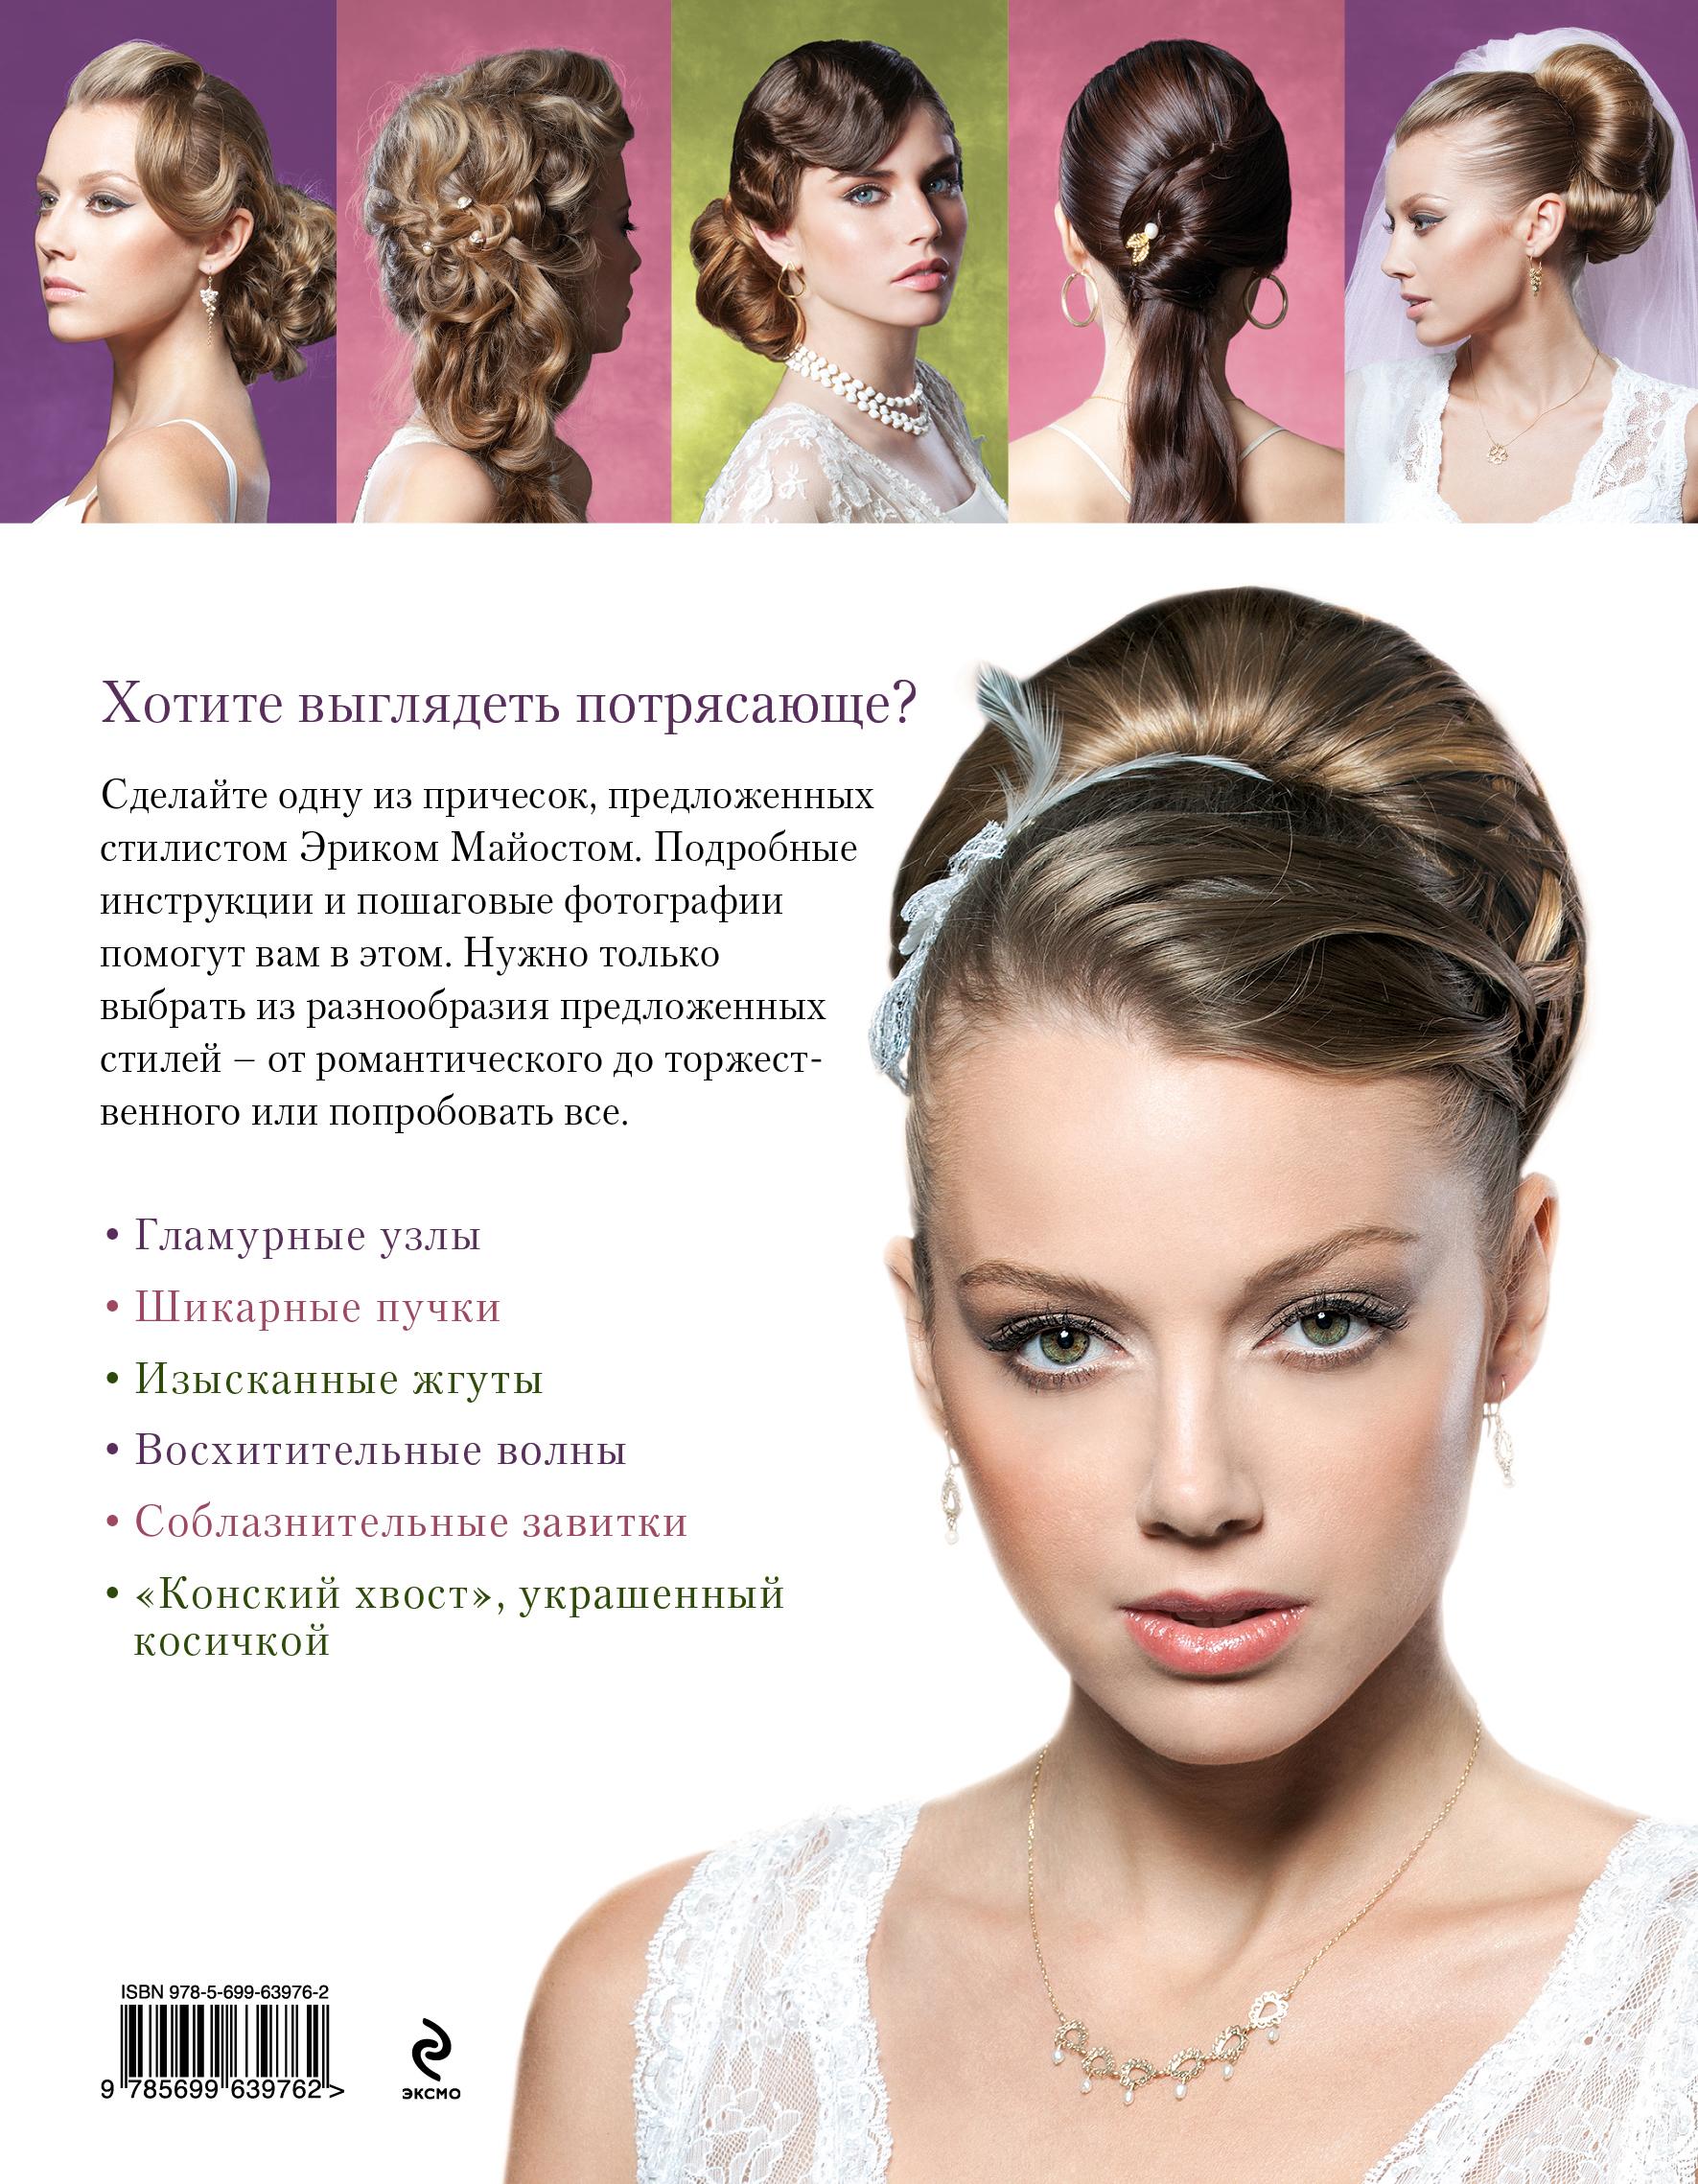 Прически с длинными волосами с описанием и фото